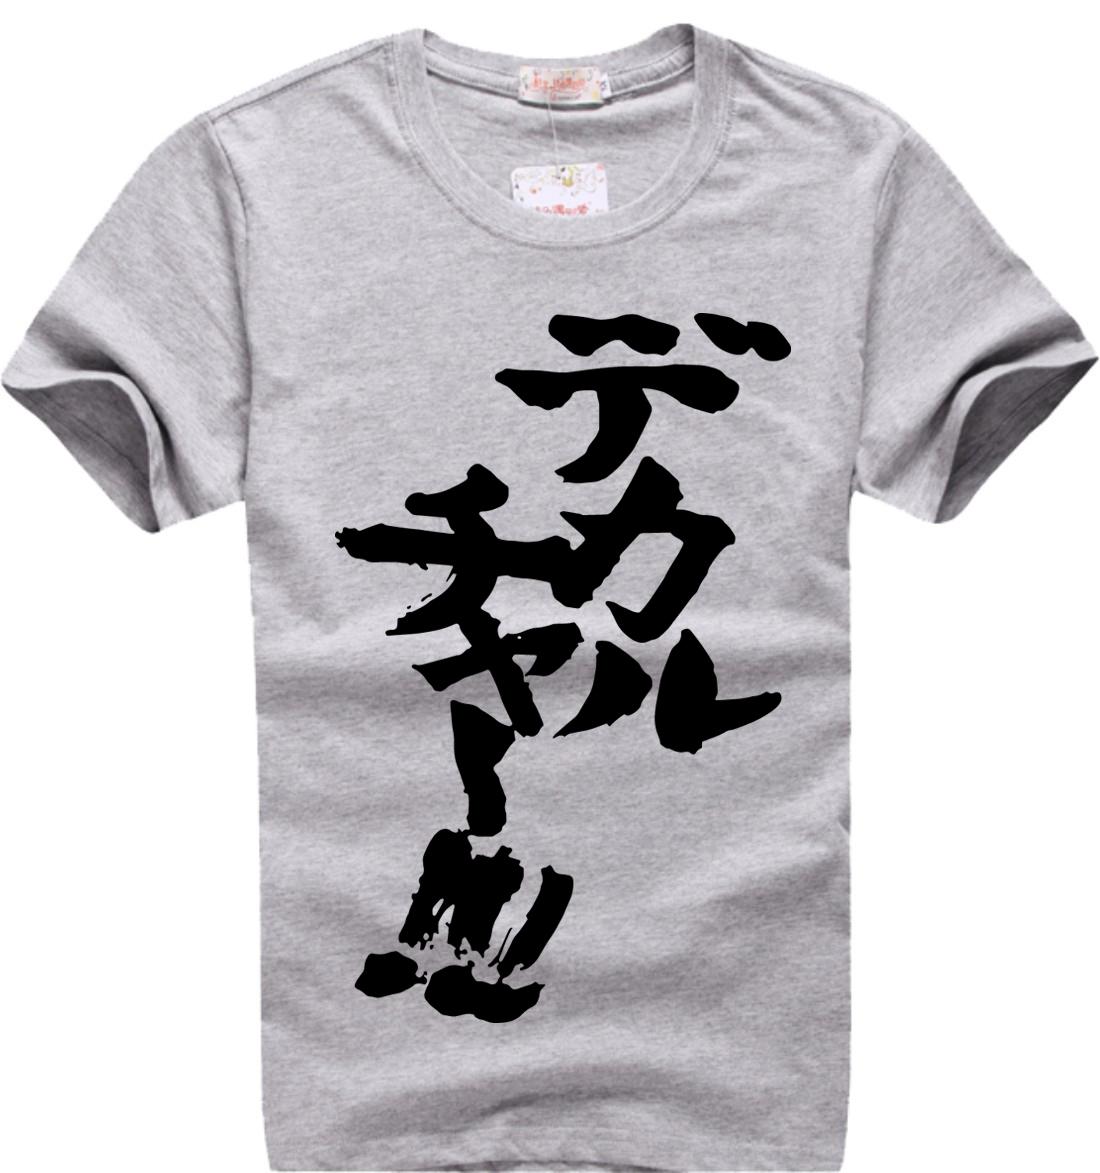 超时空要塞 MACROSS 可怕难以置信文字 T恤 短袖 动漫